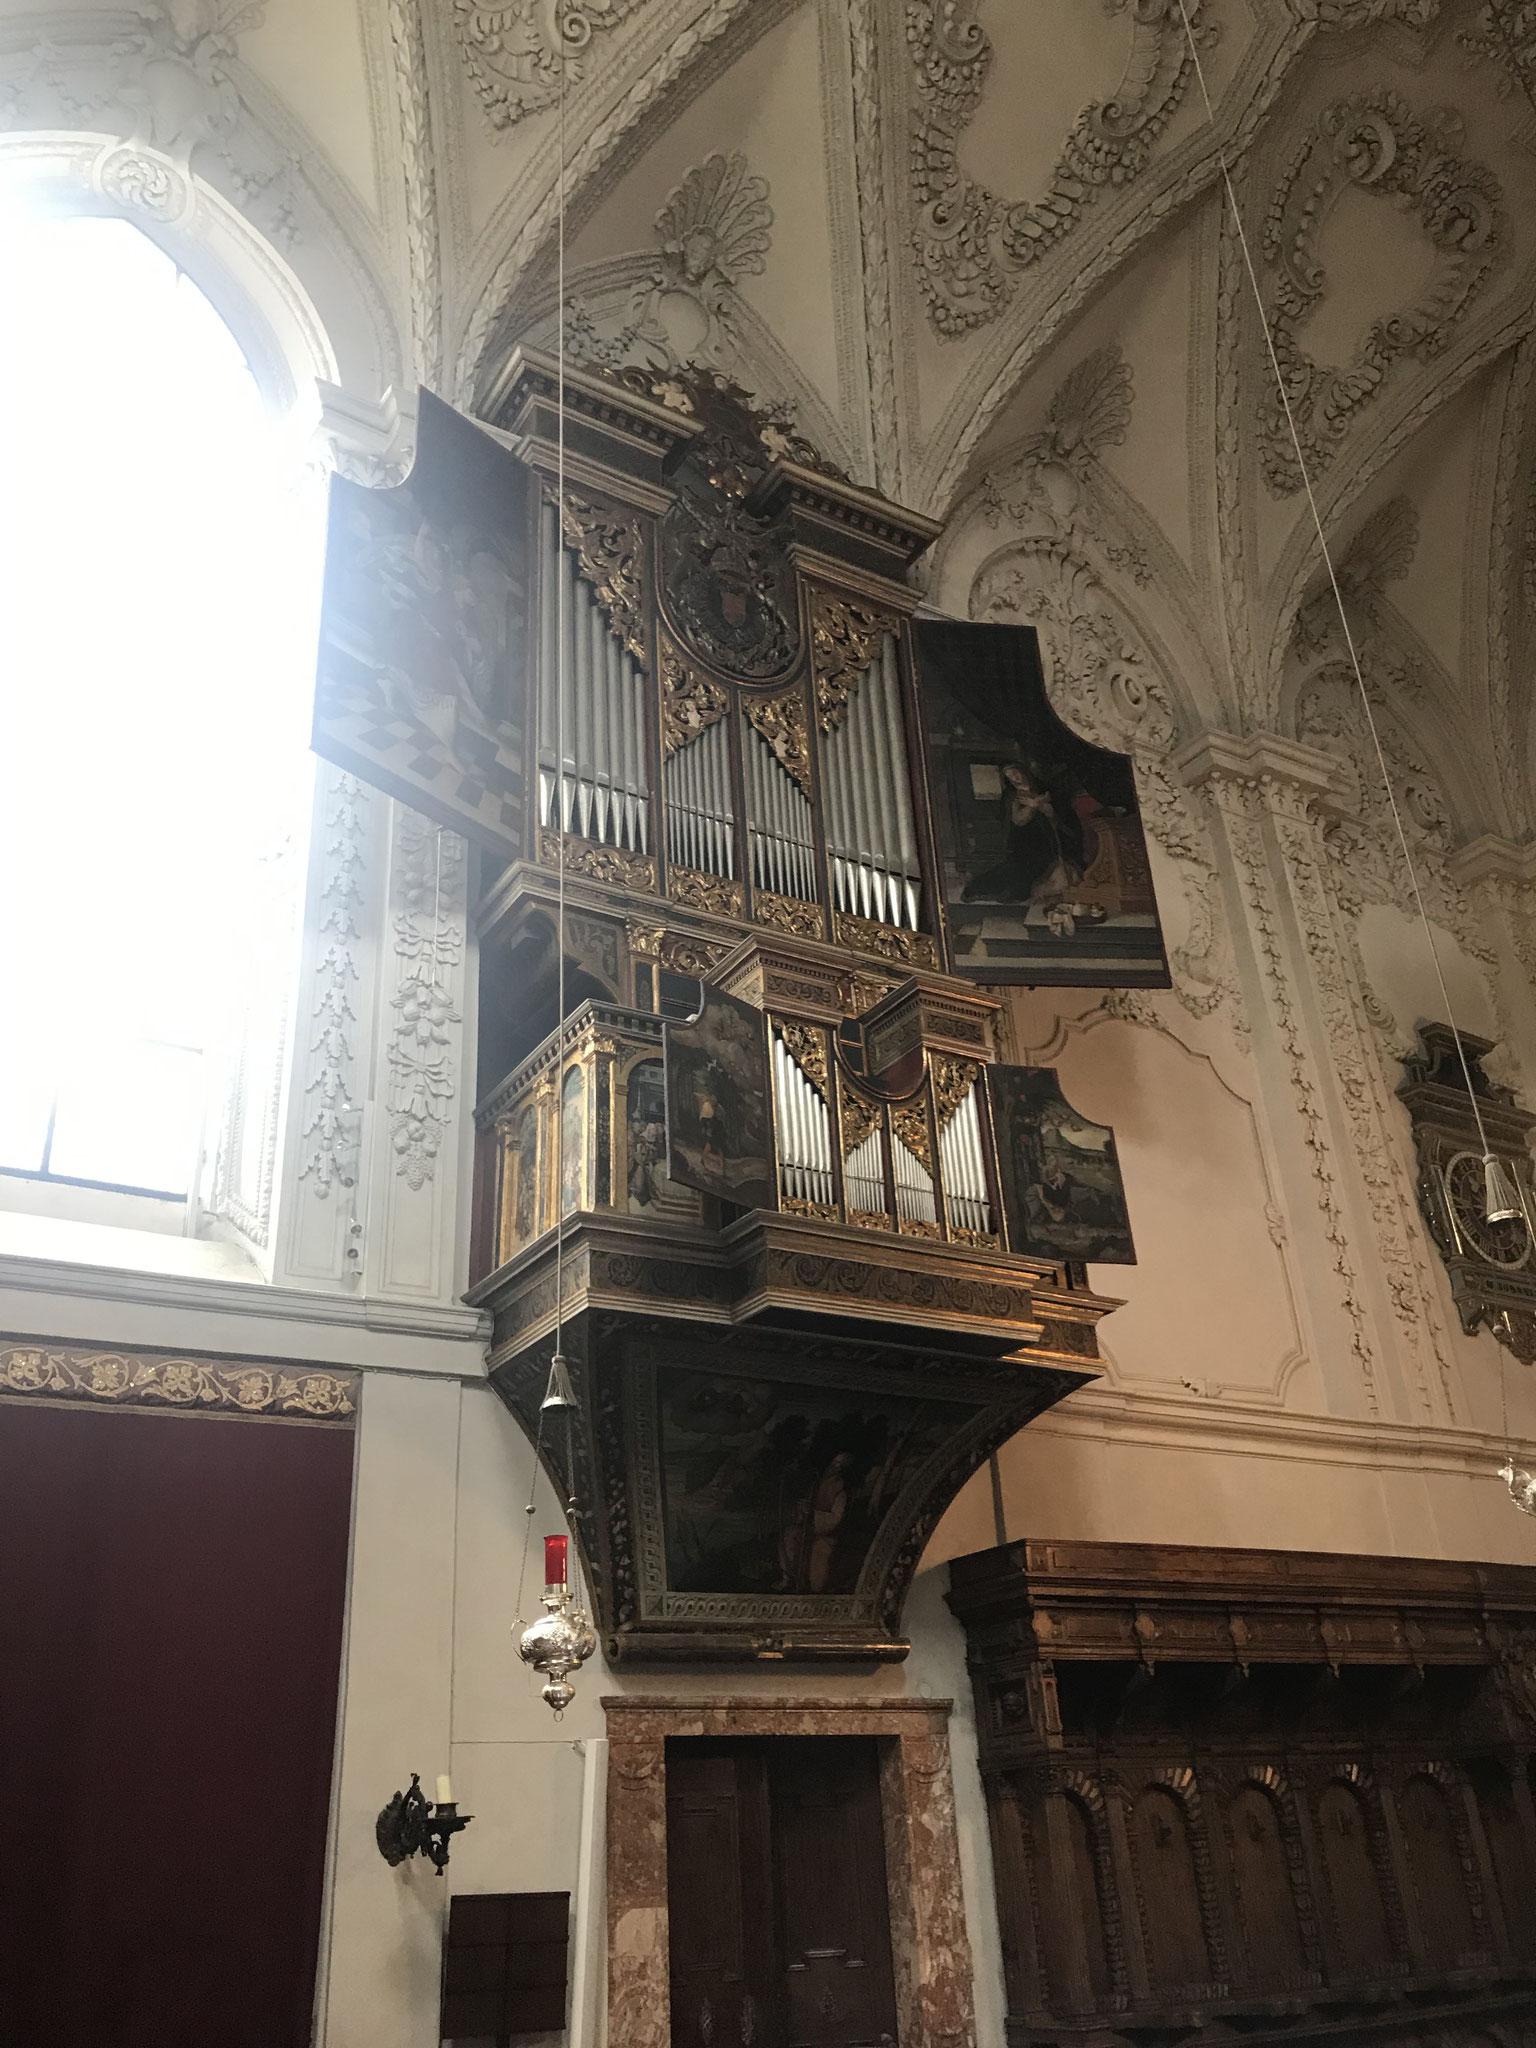 Ebert-Orgel 1558 in der Hofkirche Innsbruck